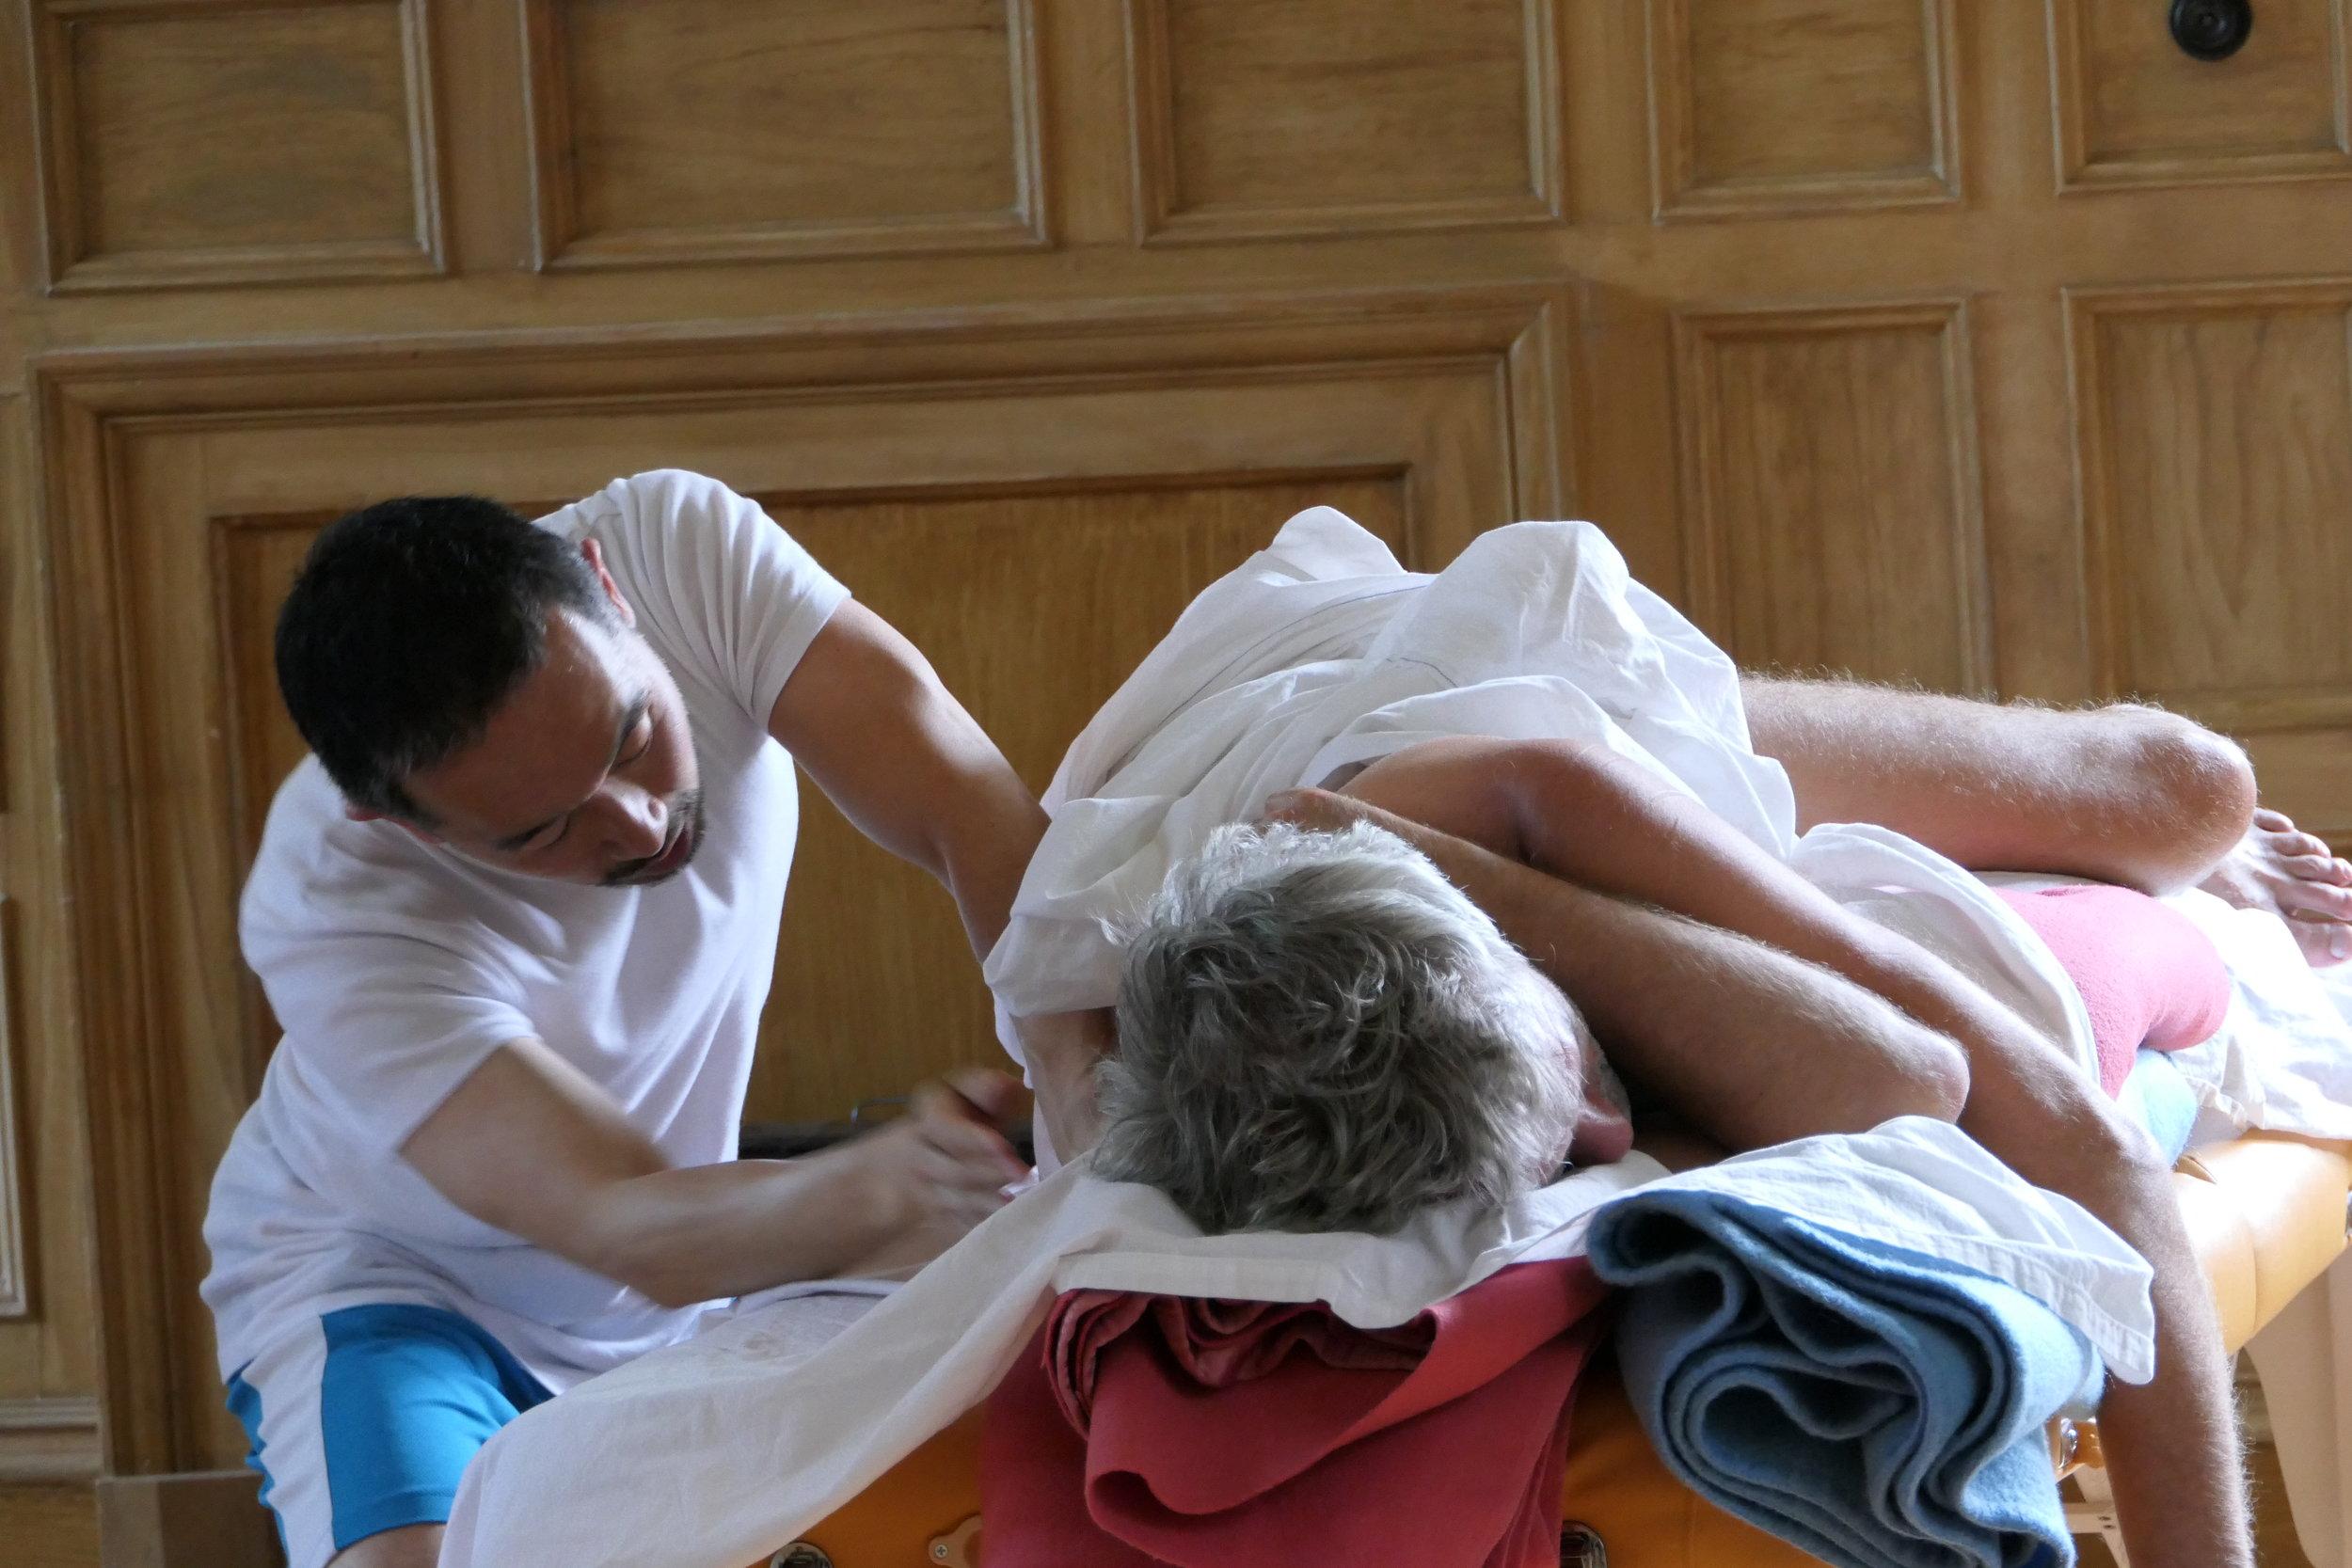 Bild: Seitenlage Massage während der Grundausbildung 2017 in Findhorn